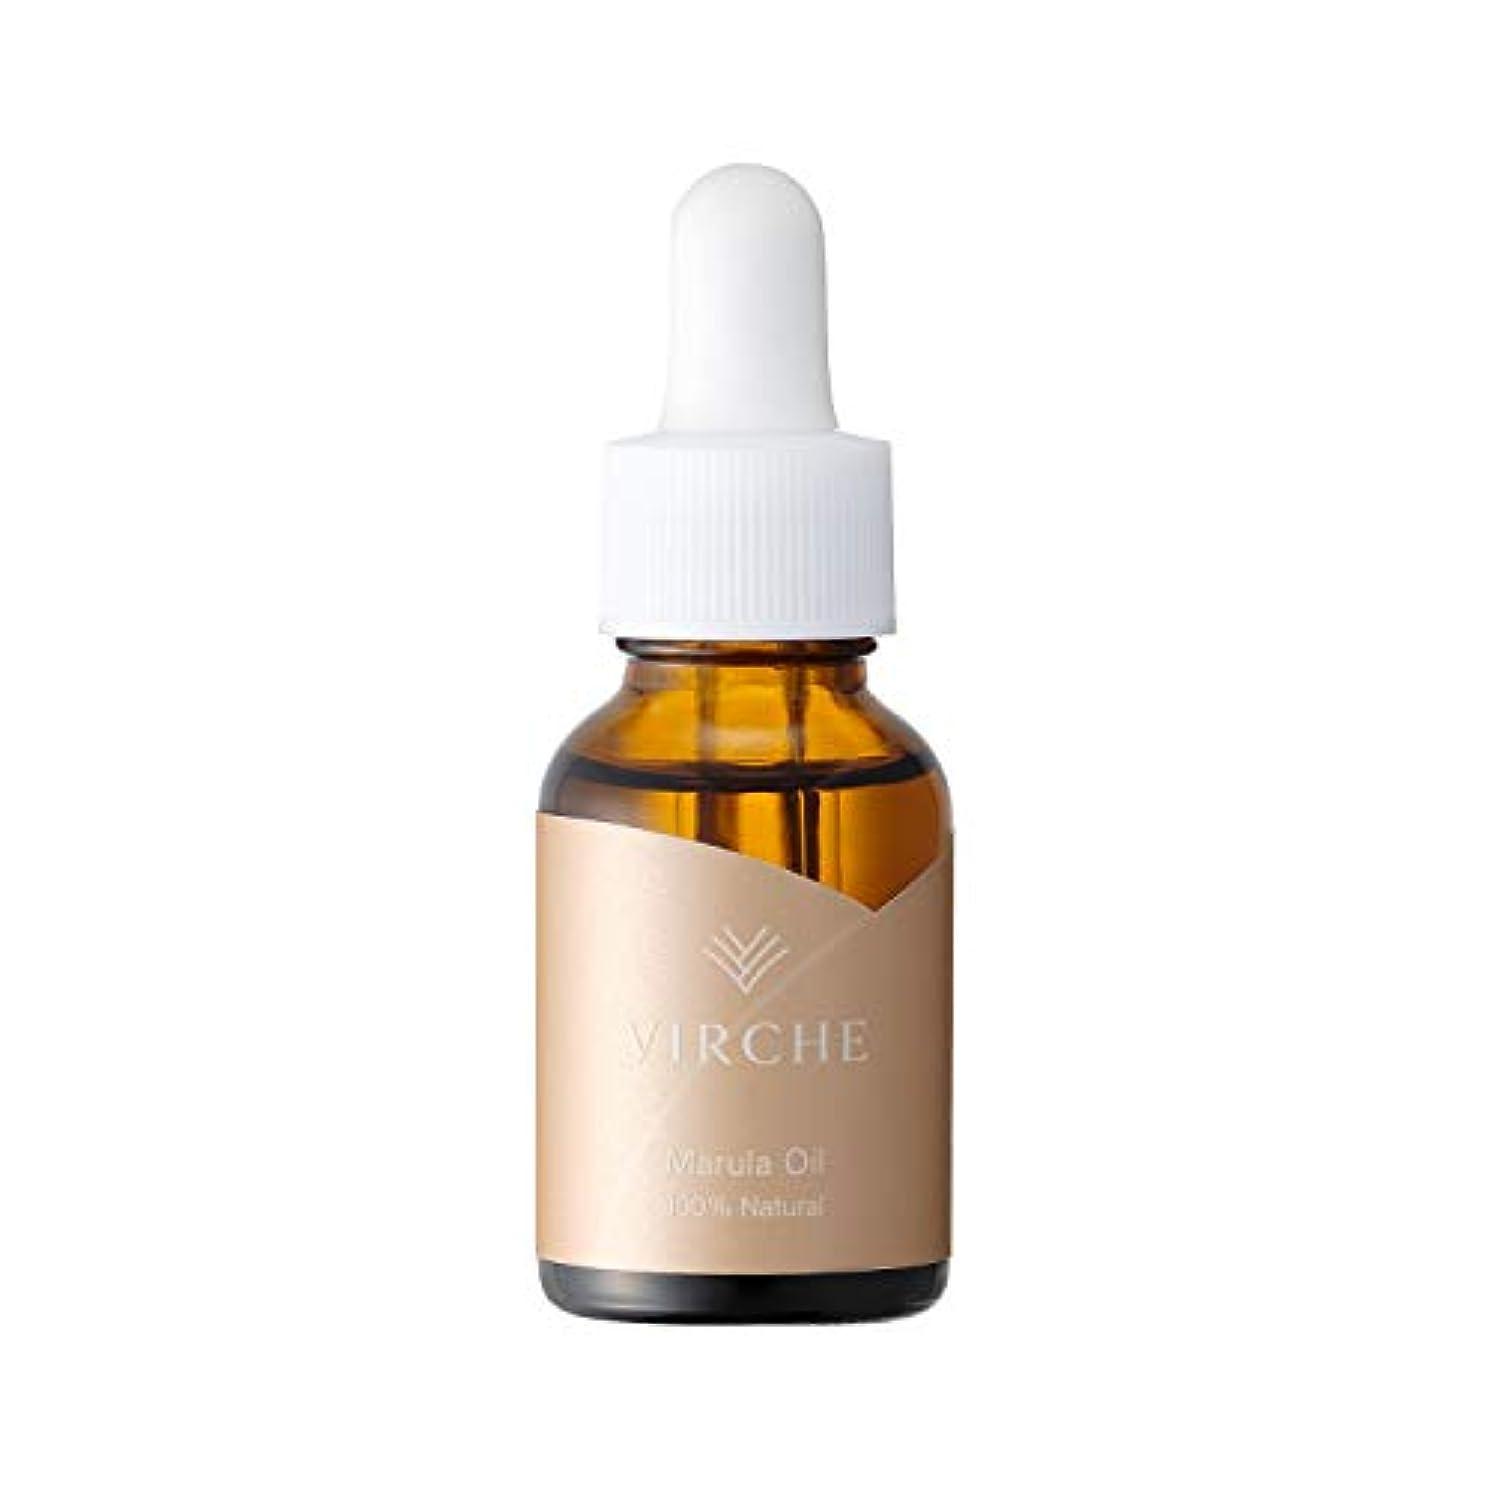 闇塊呪いマルラオイル(Marula Oil)国内で品質管理/無香料/防腐剤、香料、着色料すべて無添加の美容オイル/18ml(髪など全身に使えて約30日分)